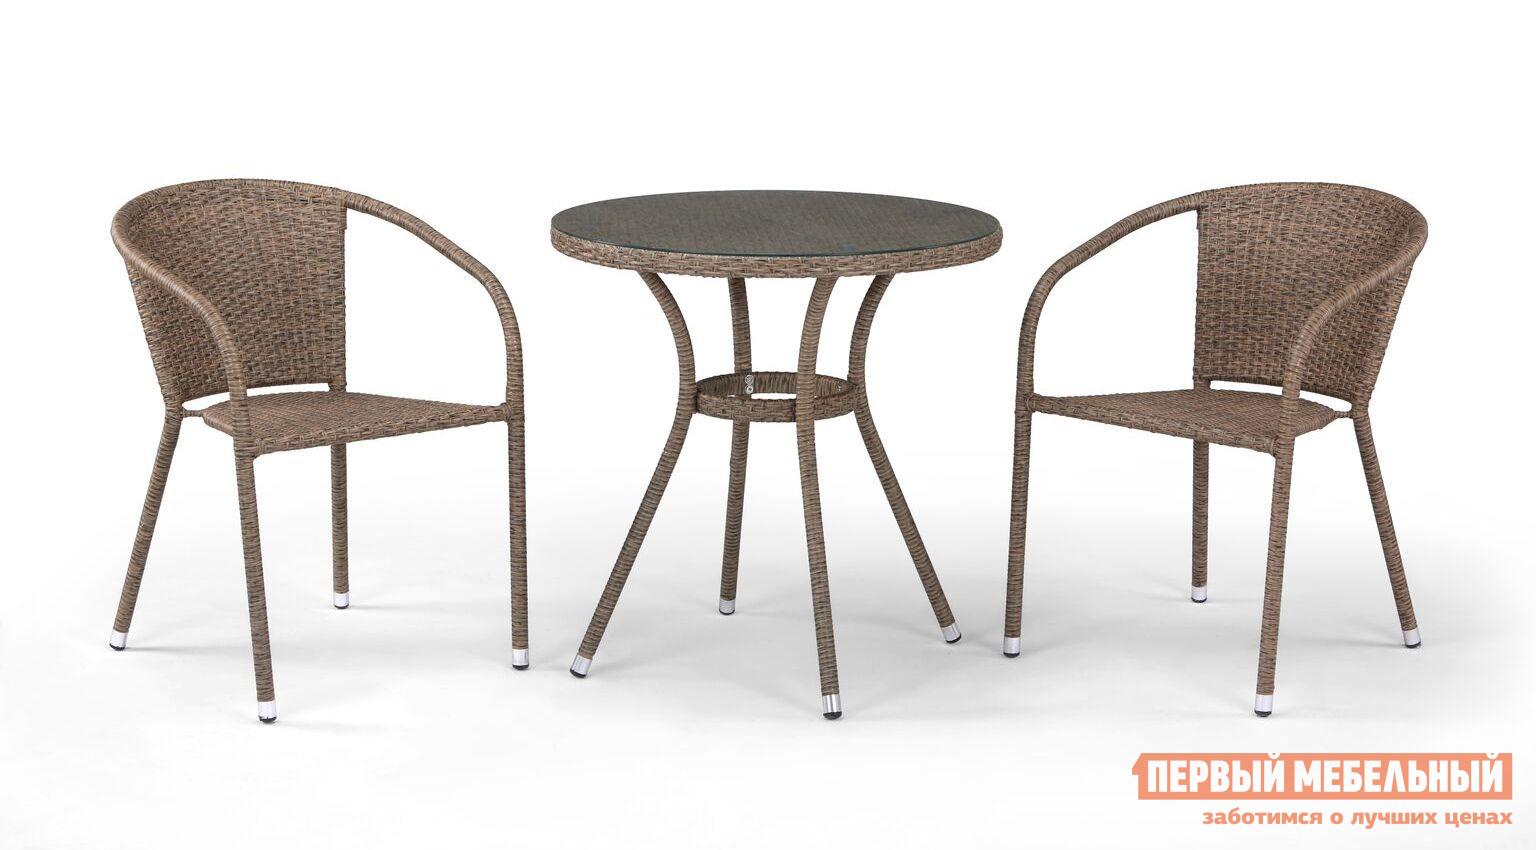 Комплект плетеной мебели из искусственного ротанга Афина-мебель T282ANT/Y137C-W56 2Pcs комплект плетеной мебели из искусственного ротанга афина мебель t198a s54a w53 t198b s54b w56